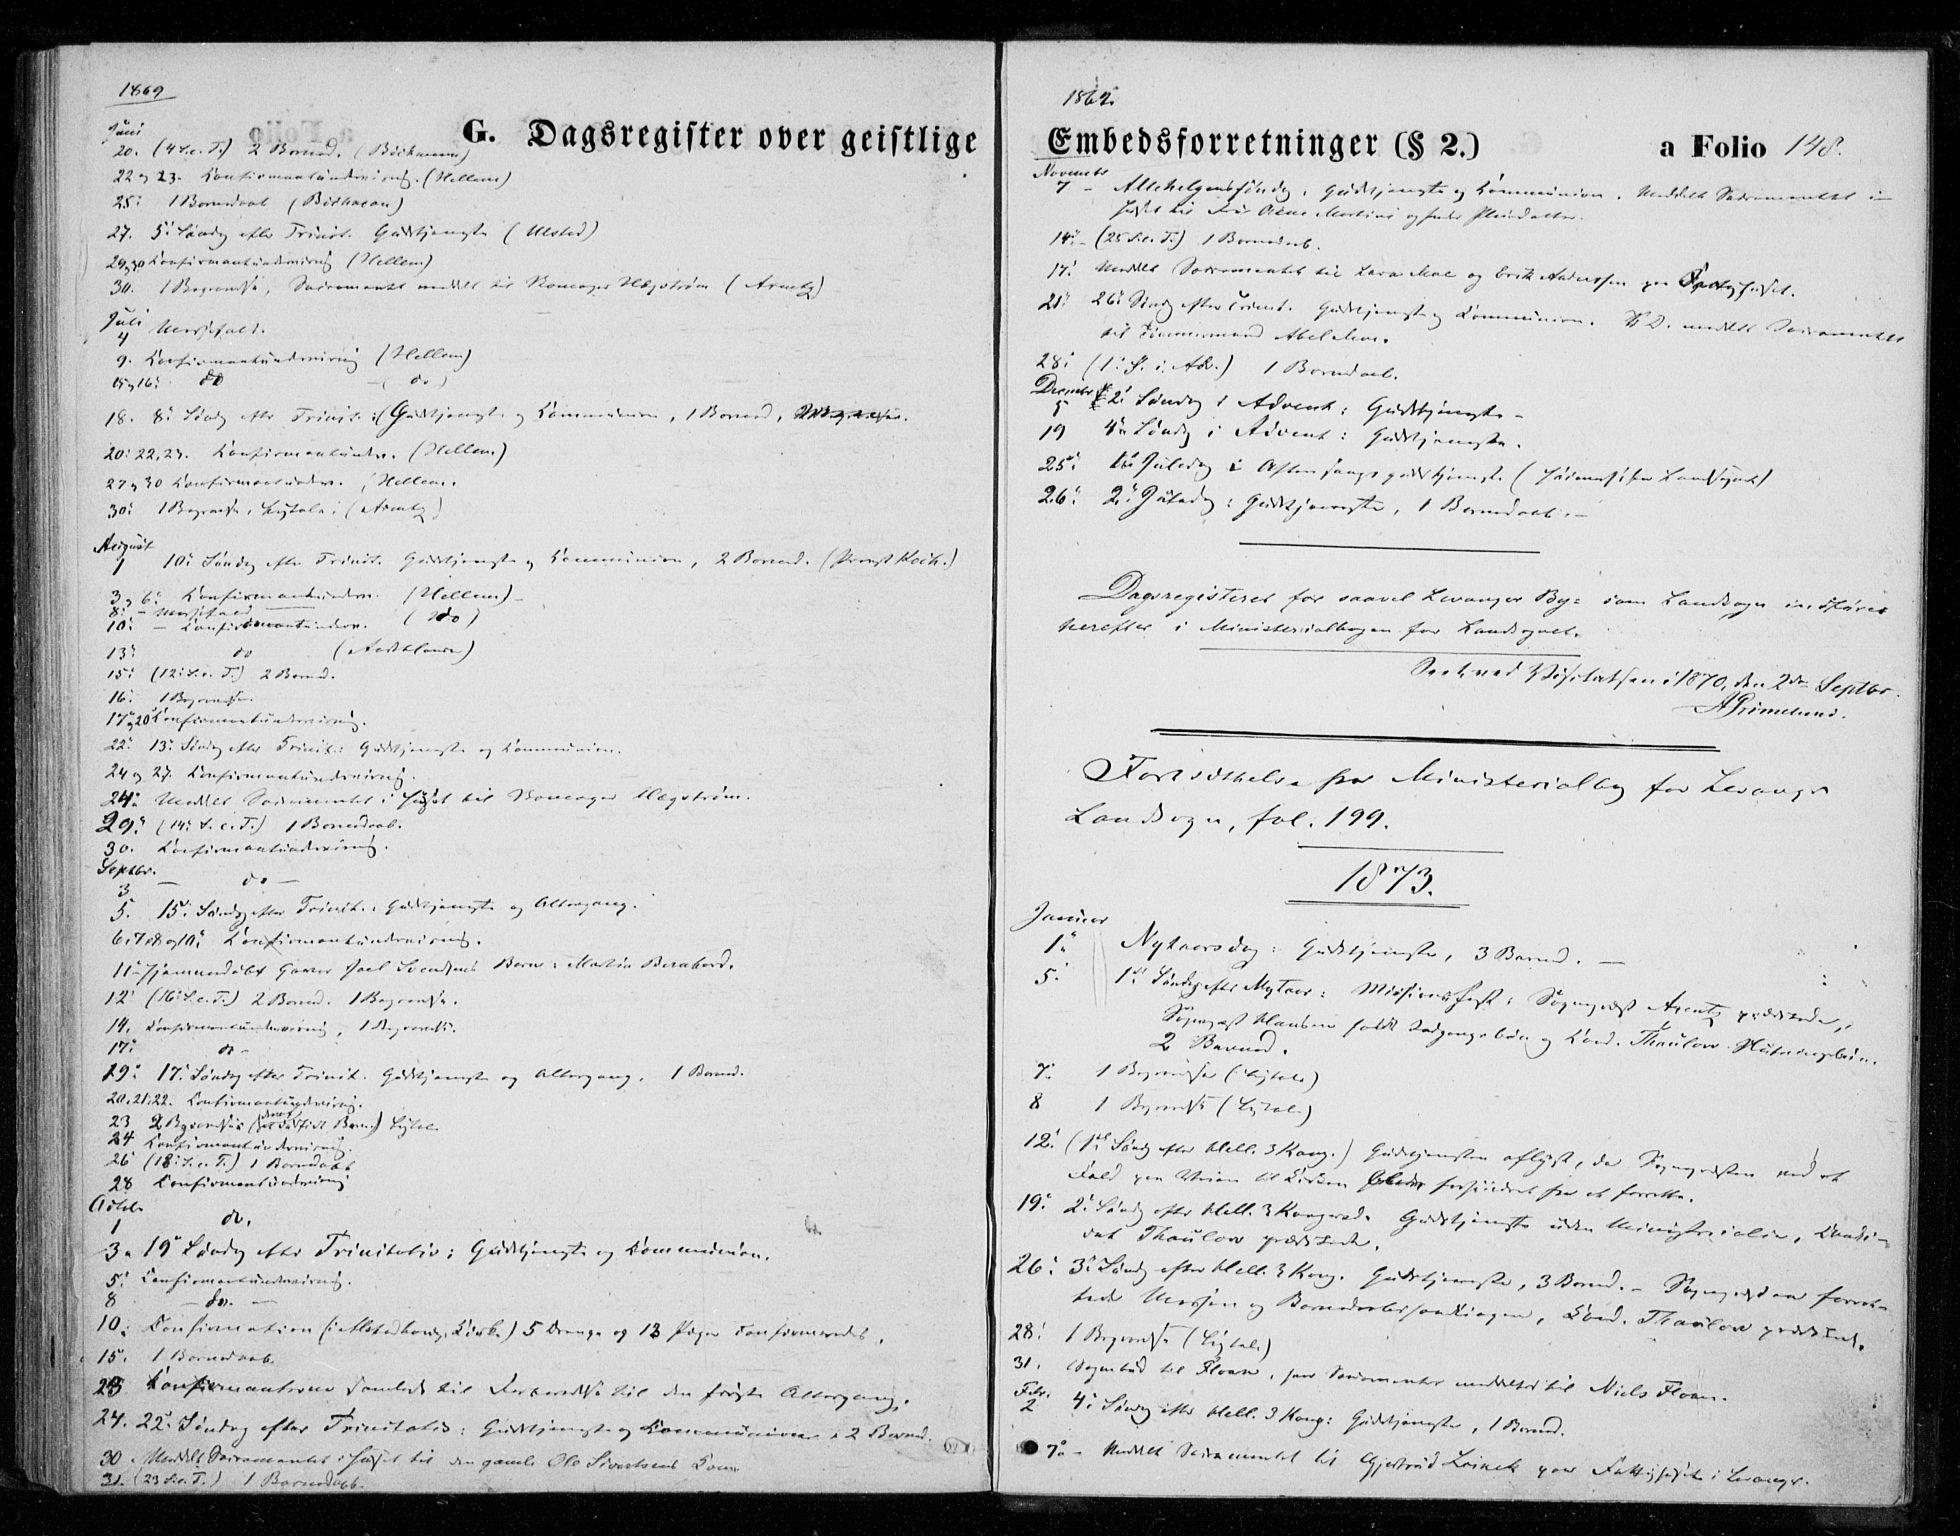 SAT, Ministerialprotokoller, klokkerbøker og fødselsregistre - Nord-Trøndelag, 720/L0186: Ministerialbok nr. 720A03, 1864-1874, s. 148